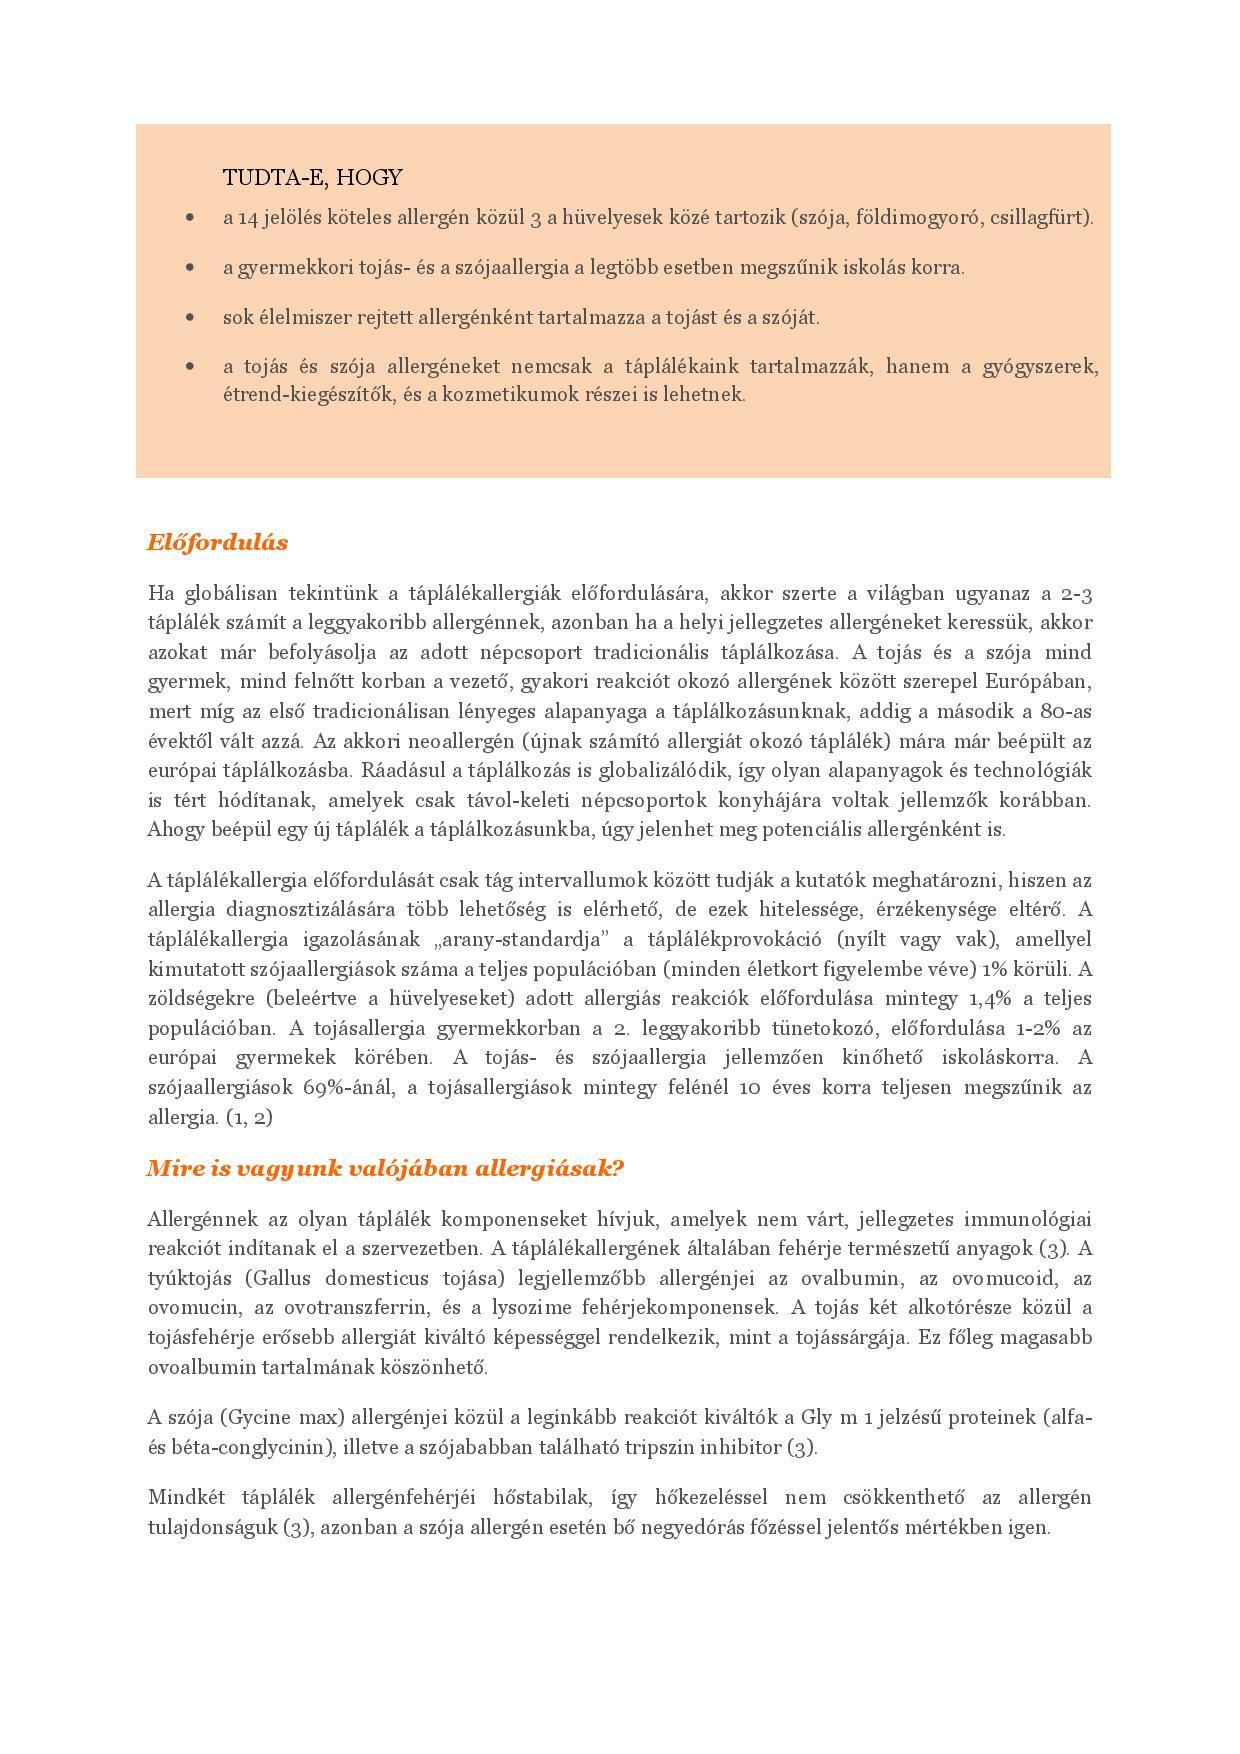 taplalkozasi_akademia_2016_02_tojas-_szojaallergia_160225-page-002